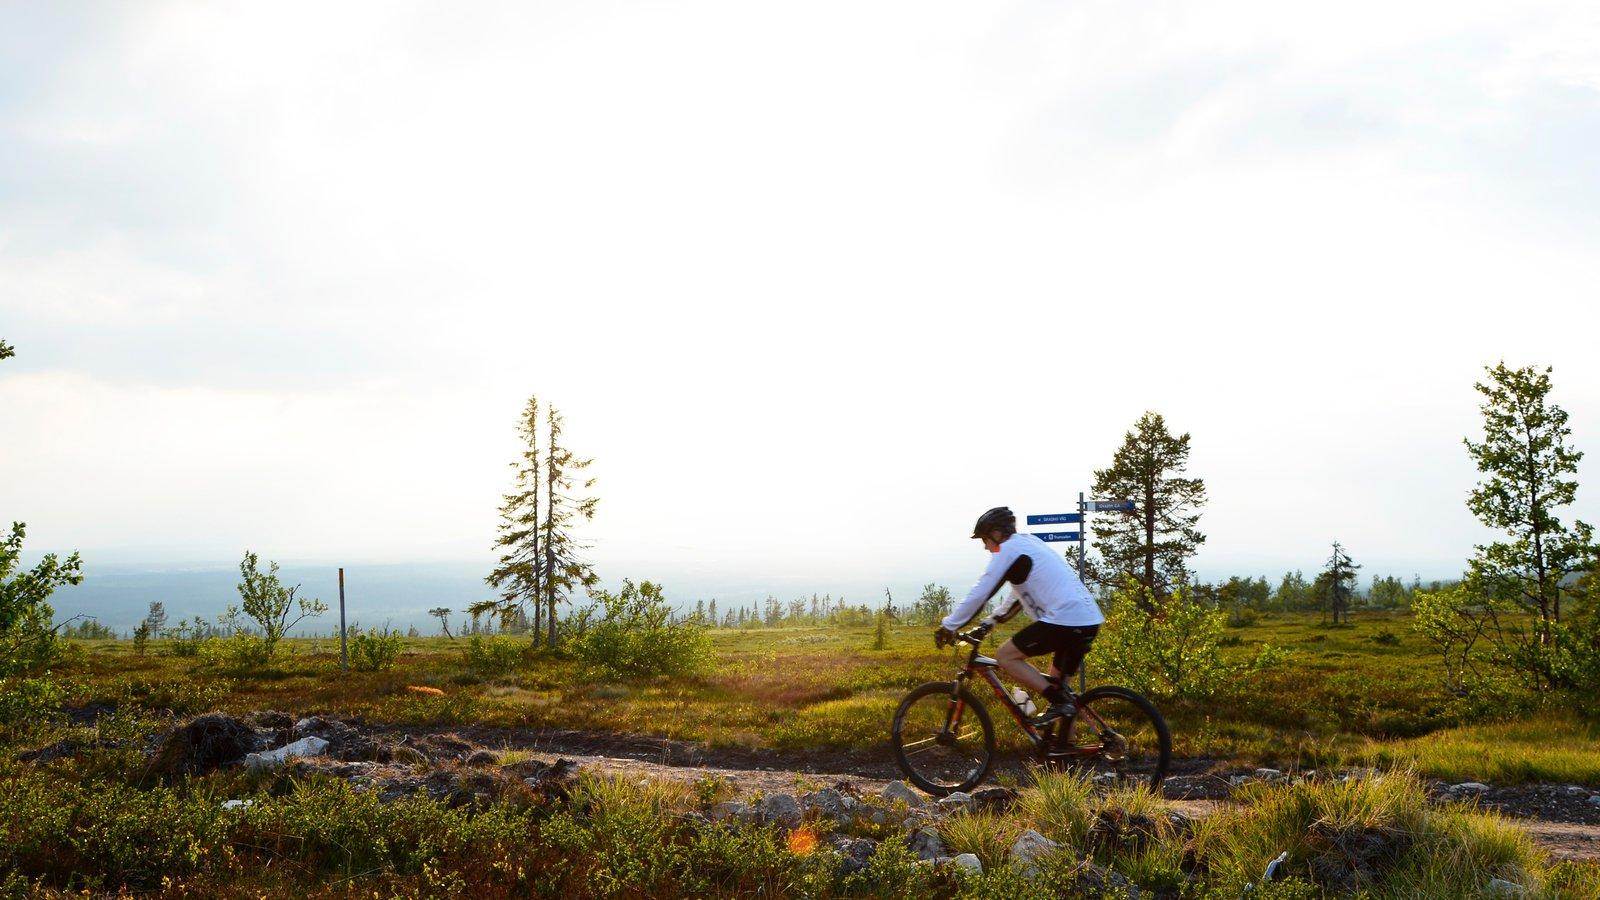 Vemdalen featuring mountain biking